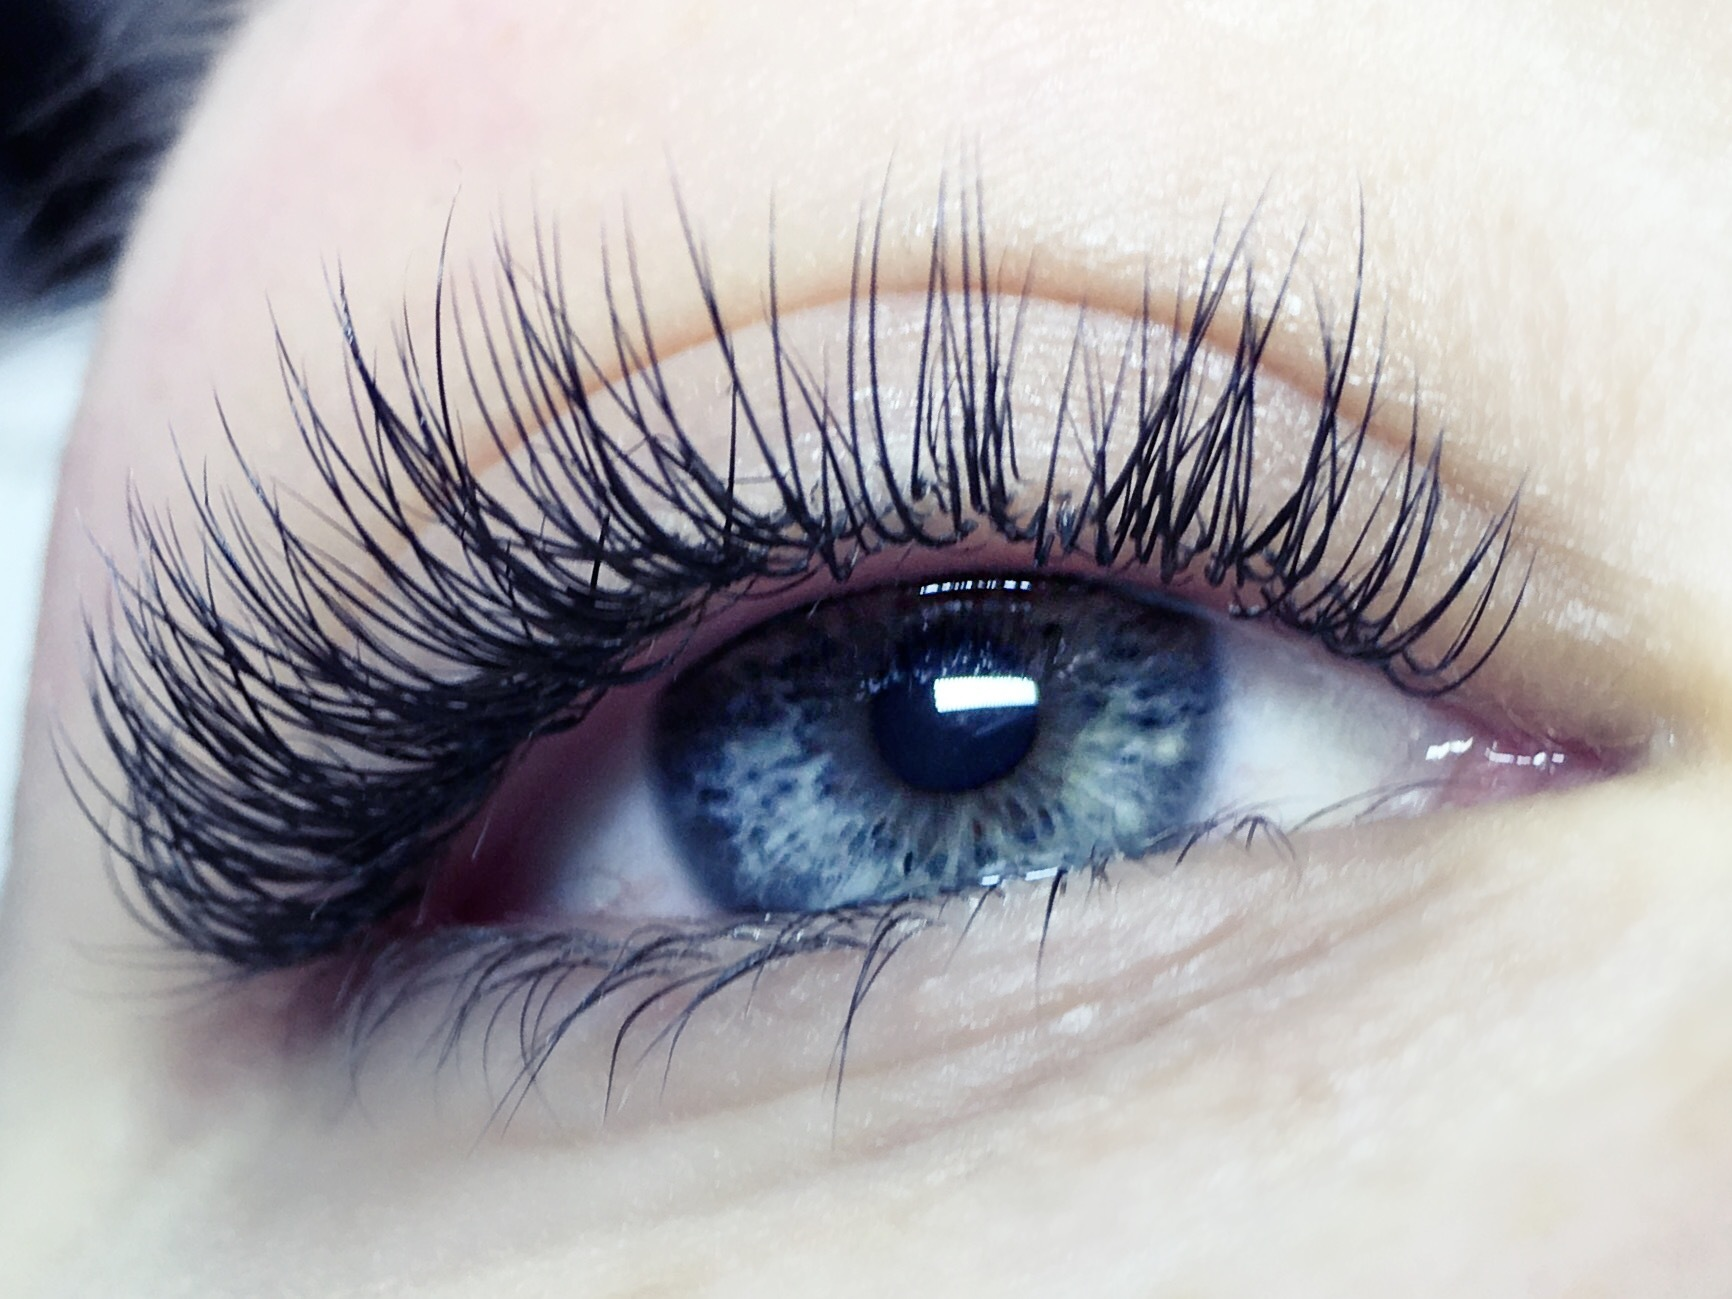 mink lashes, mink eyelash extensions cambridge, eyelash extensions